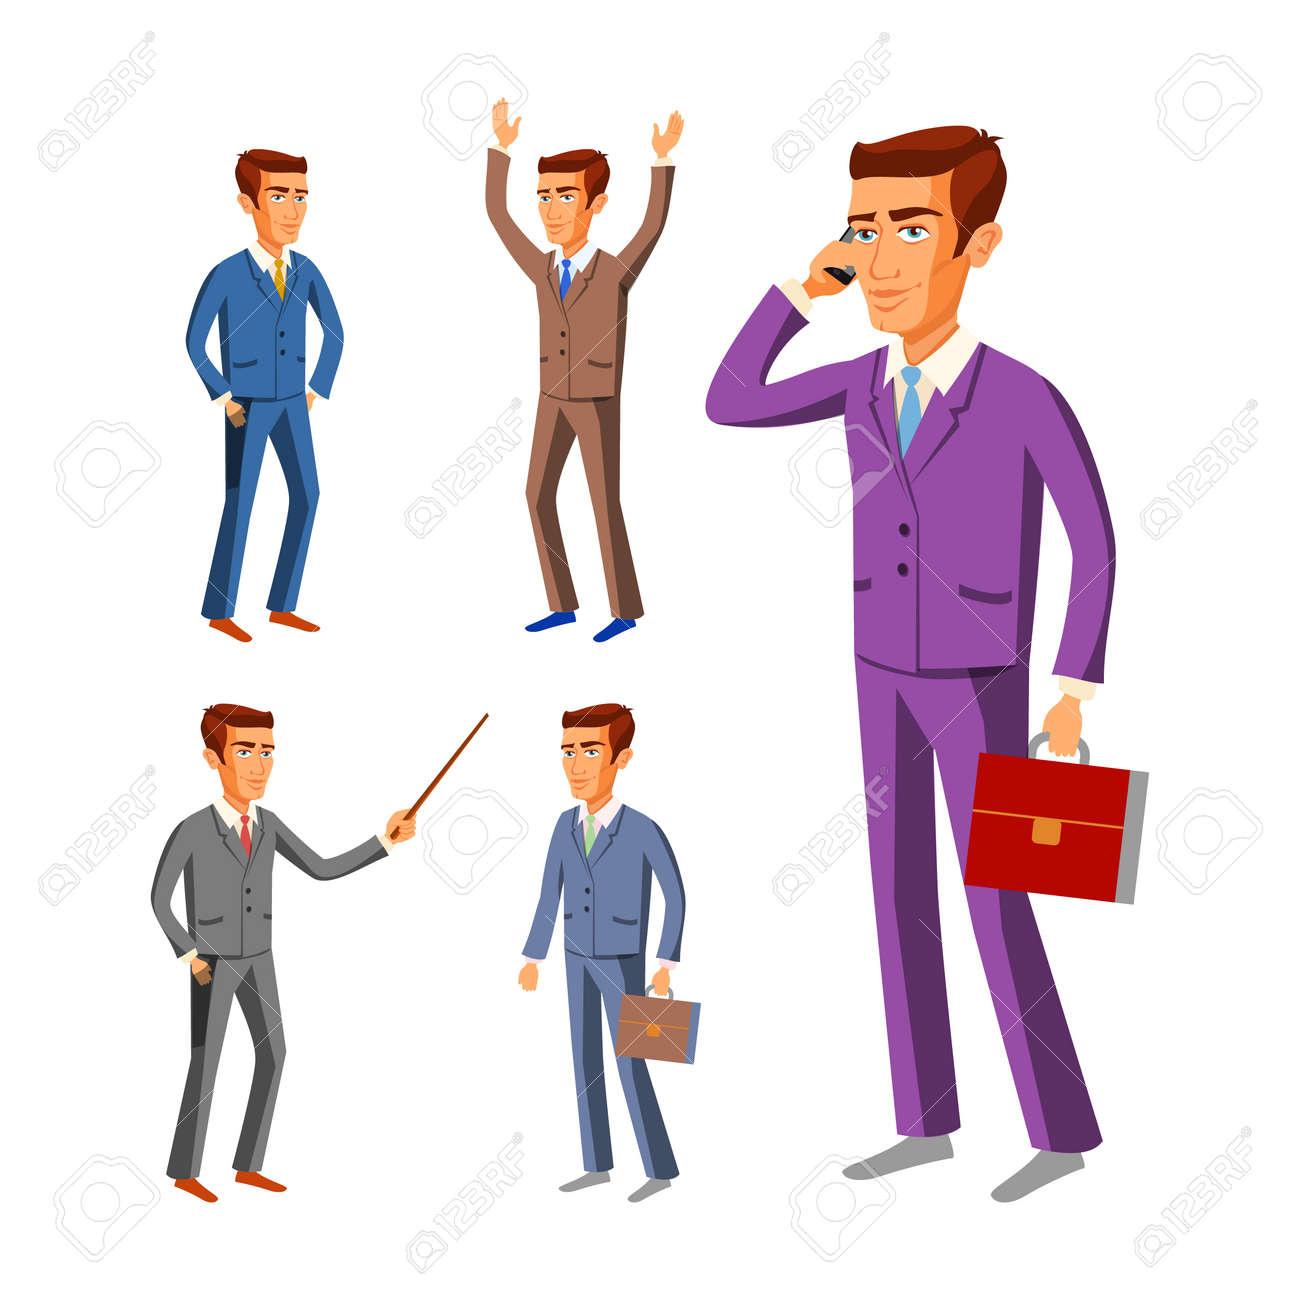 スーツ姿のビジネスマン実業家男性スーツ イラストをベクトルしますの